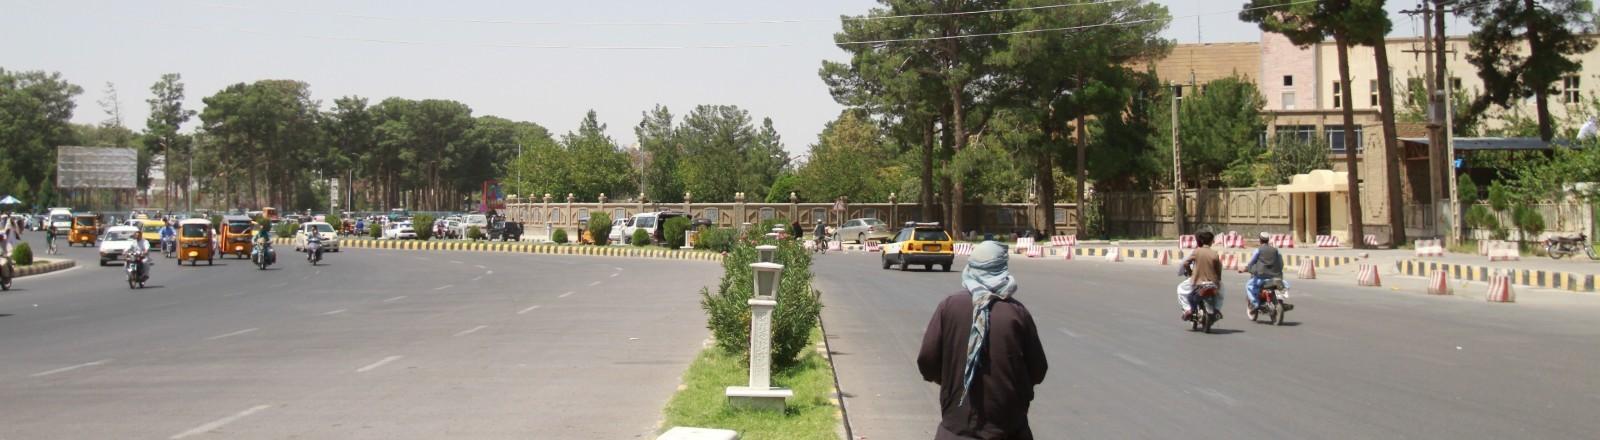 Eine Straße in Kabul.